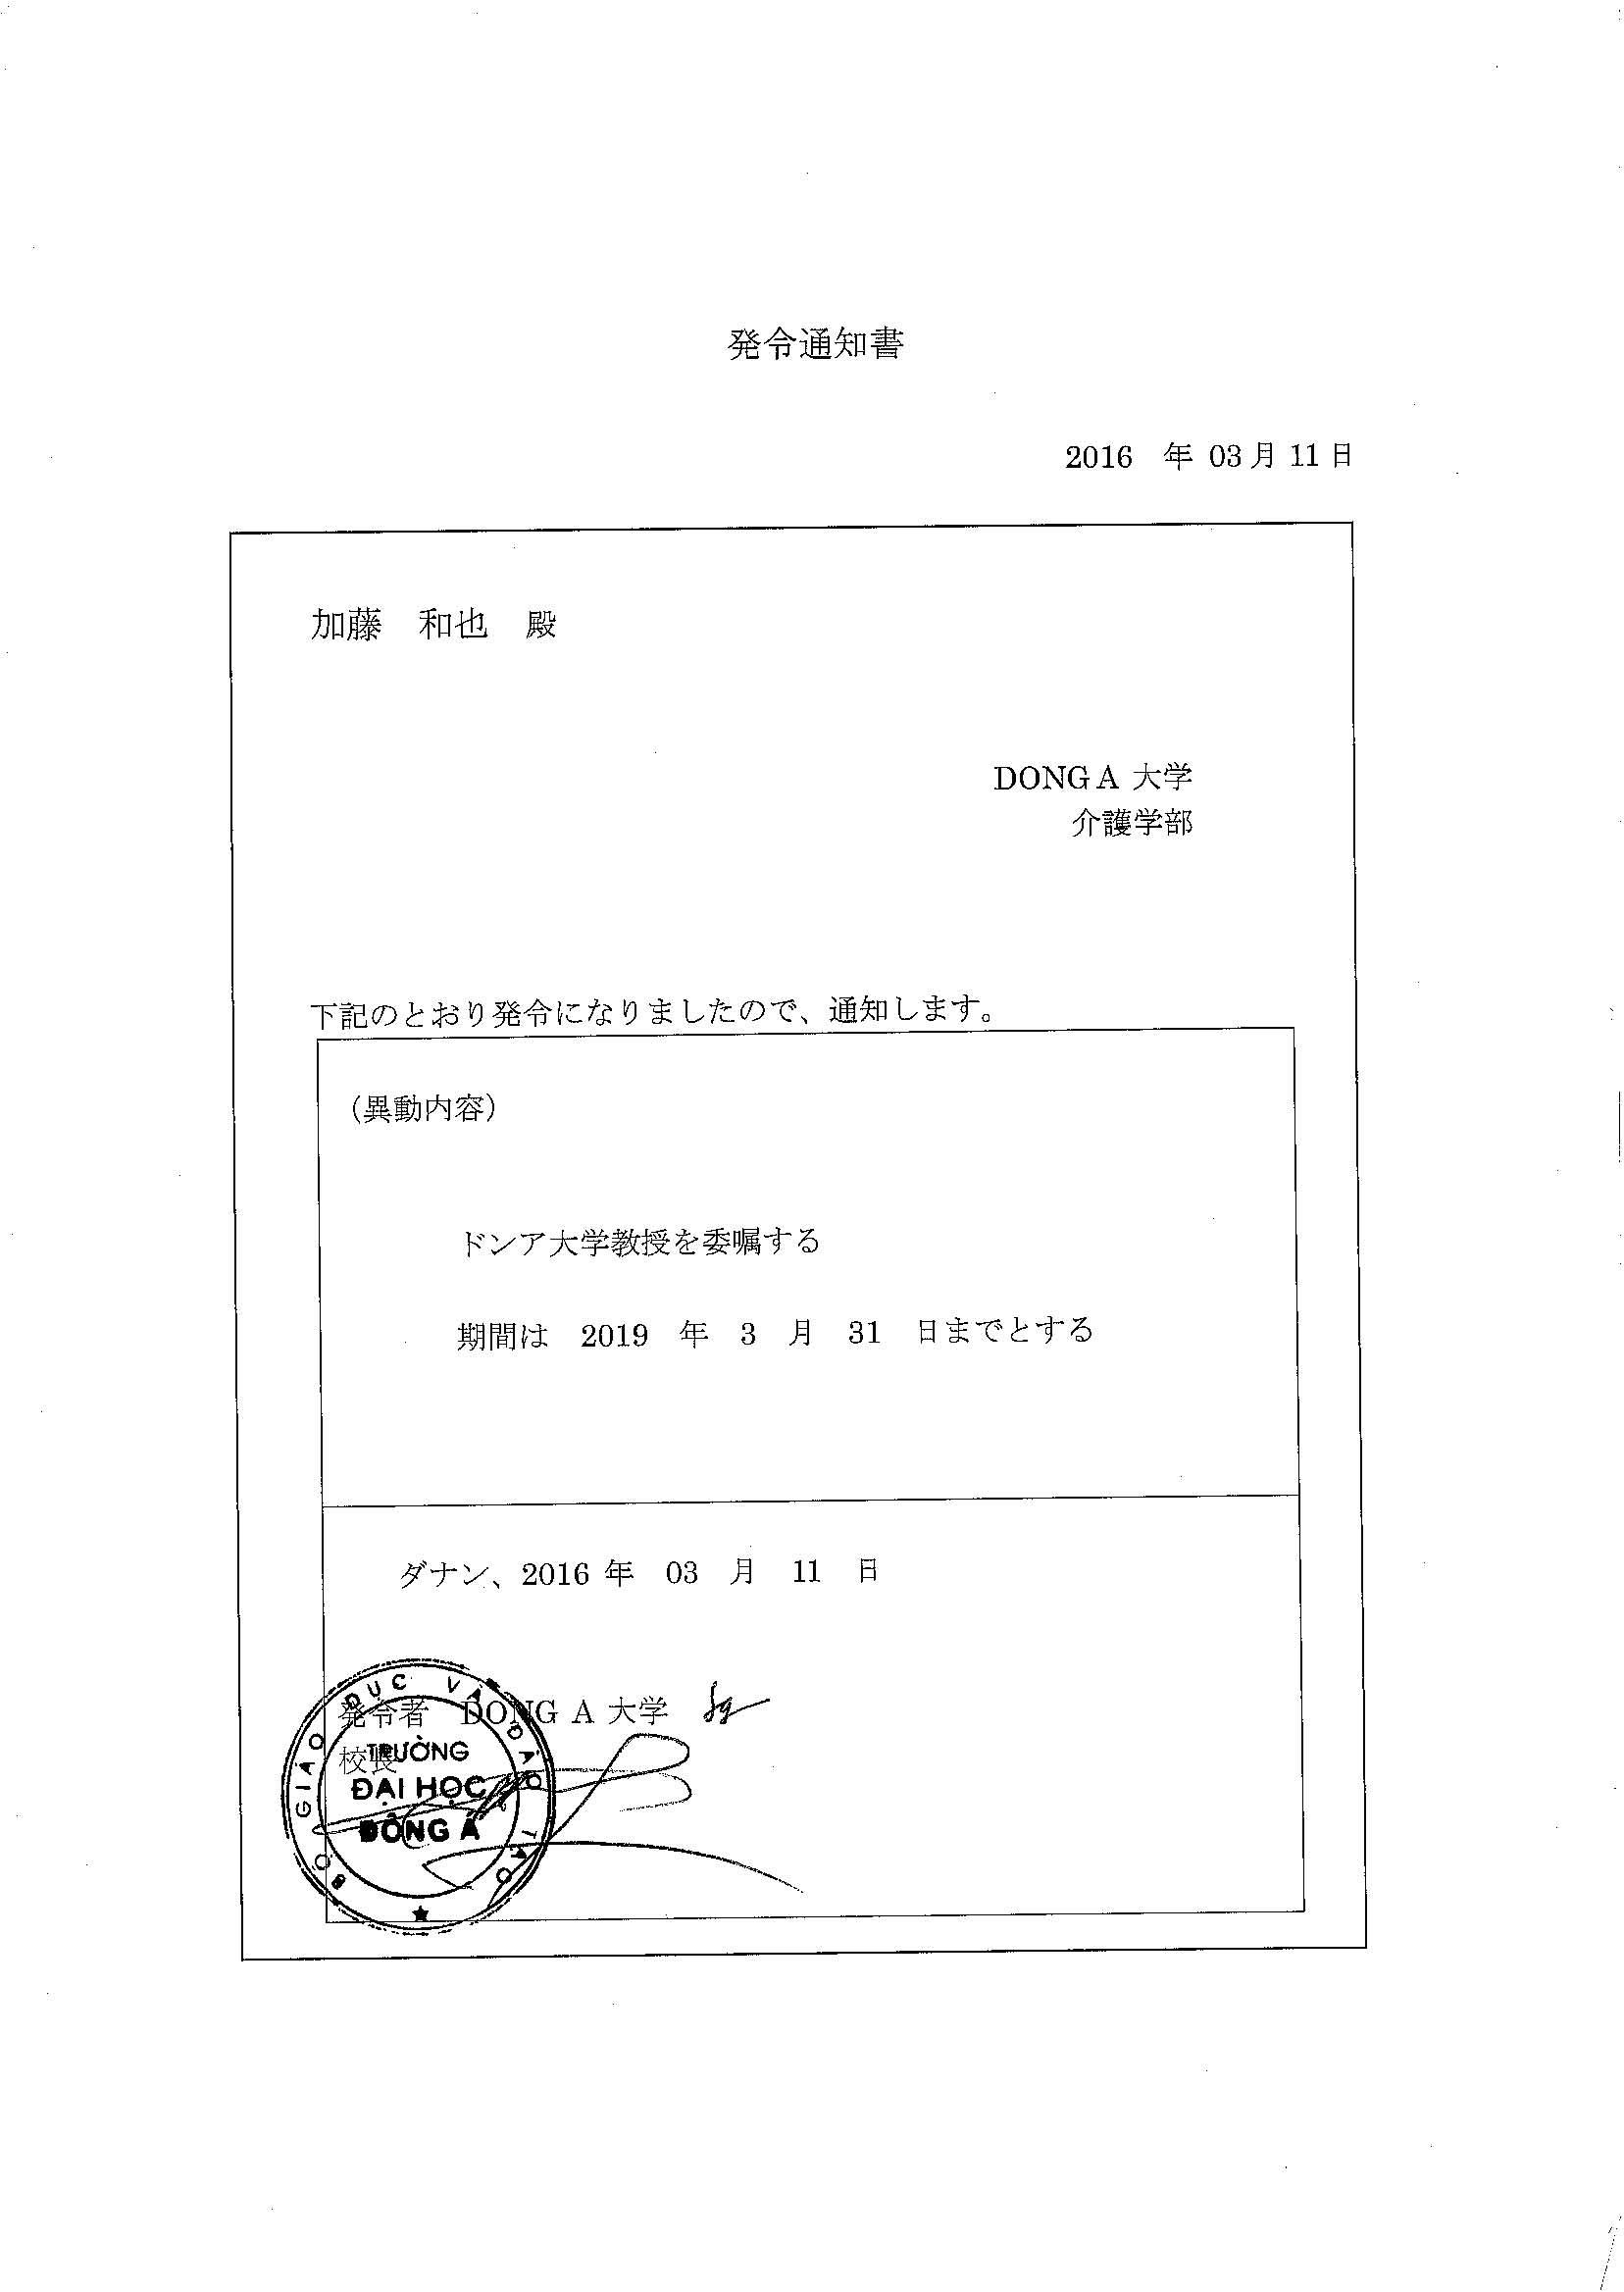 ファイル 6-1.jpg